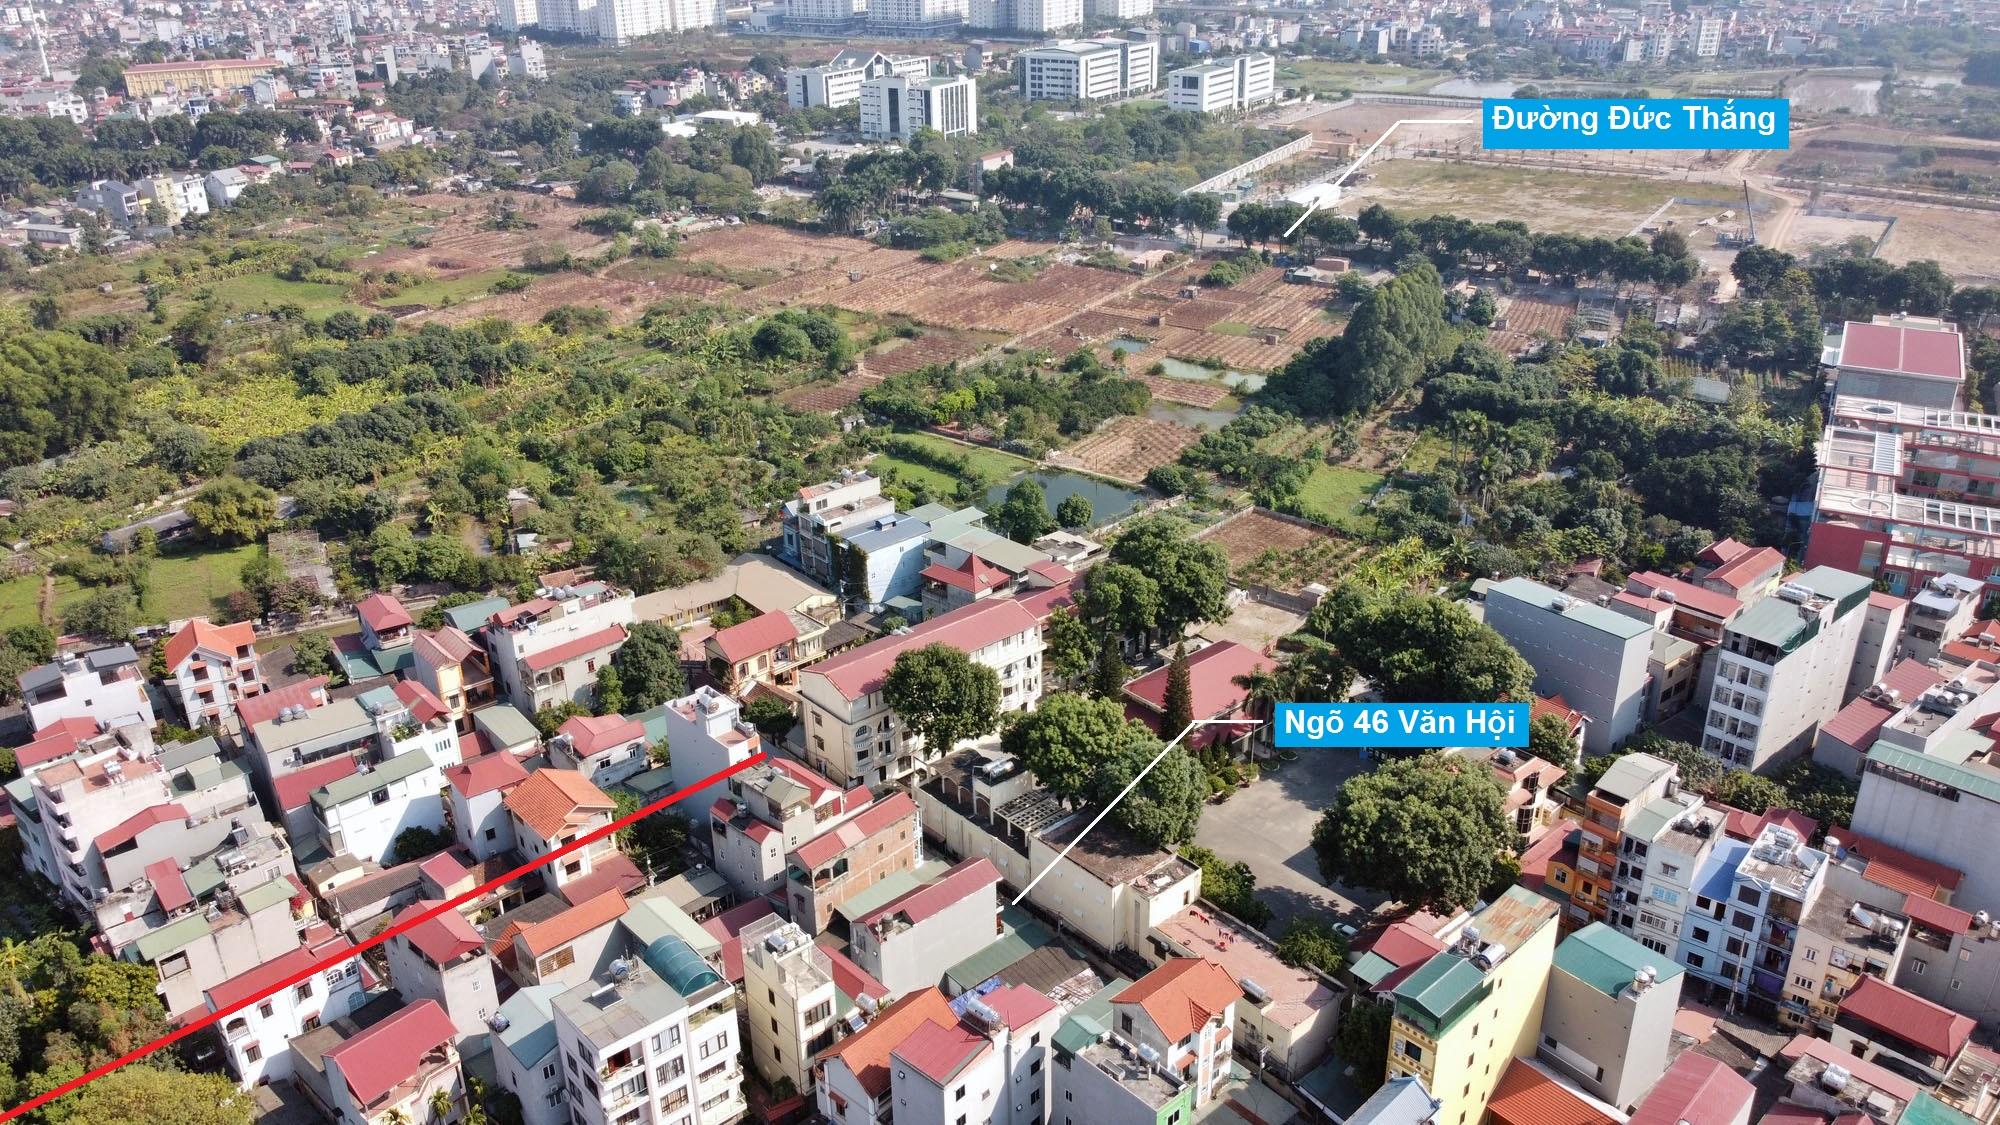 Ba đường sẽ mở theo qui hoạch ở phường Đức Thắng, Bắc Từ Liêm, Hà Nội (phần 2) - Ảnh 3.